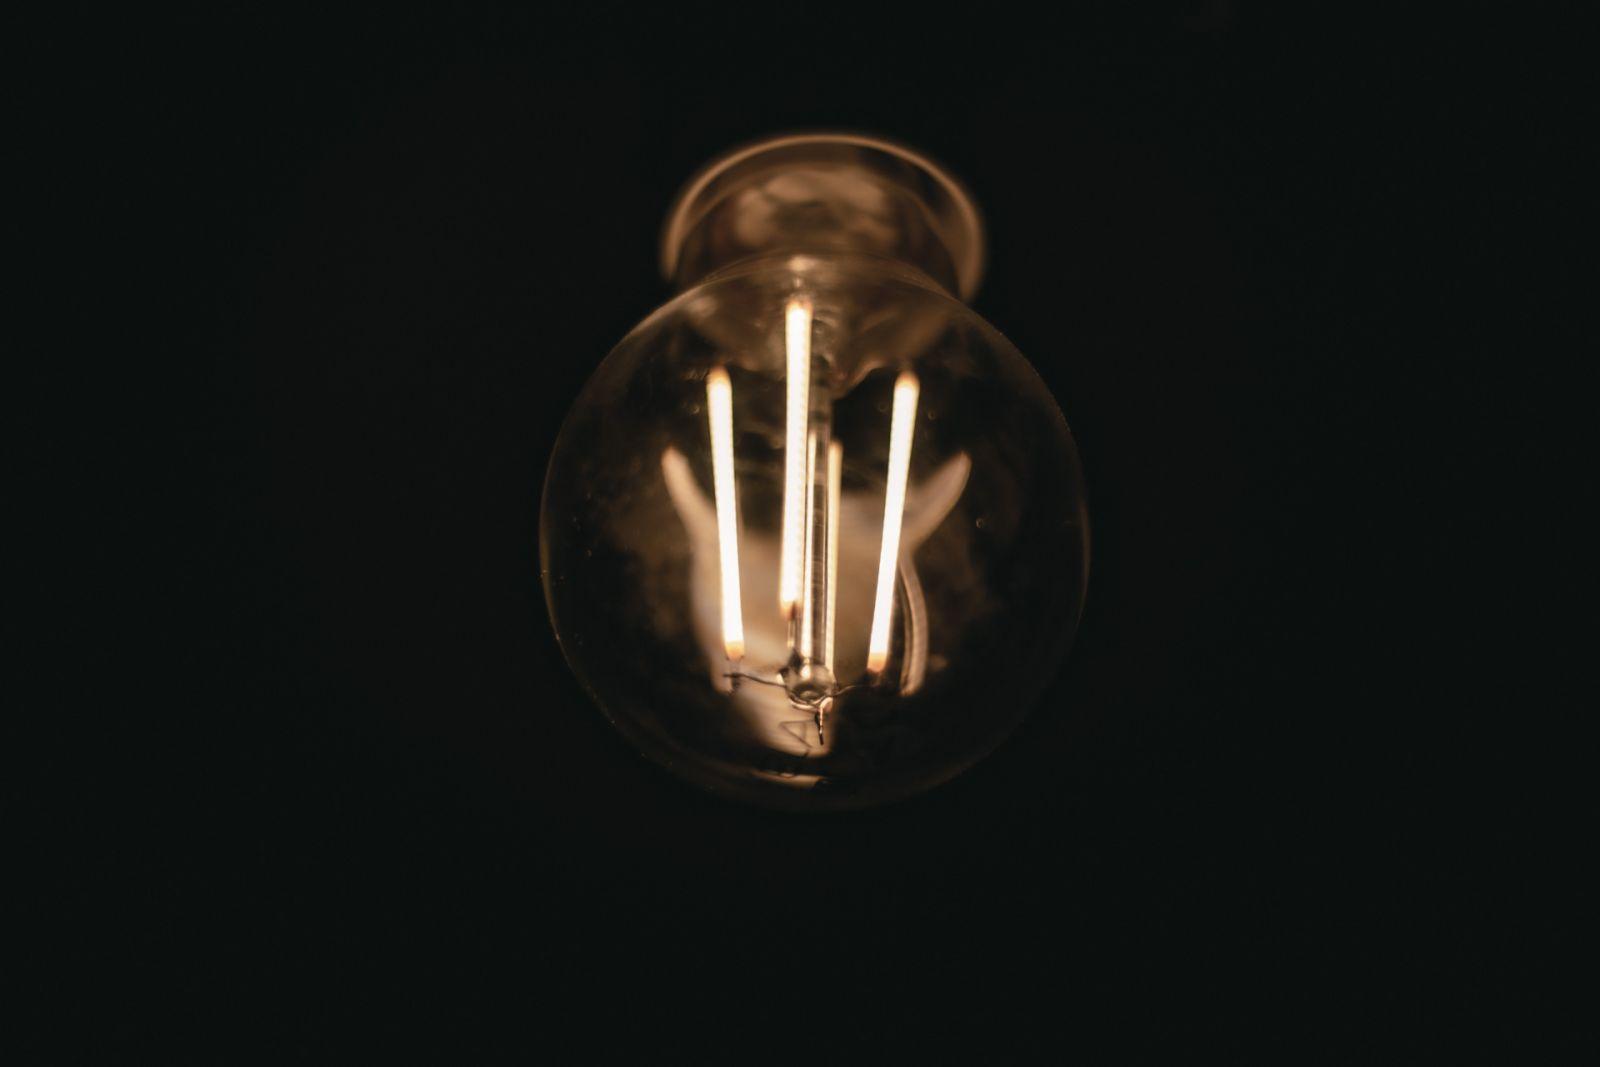 Умный свет. Обзор лампочек ELARI (dsc 8546)